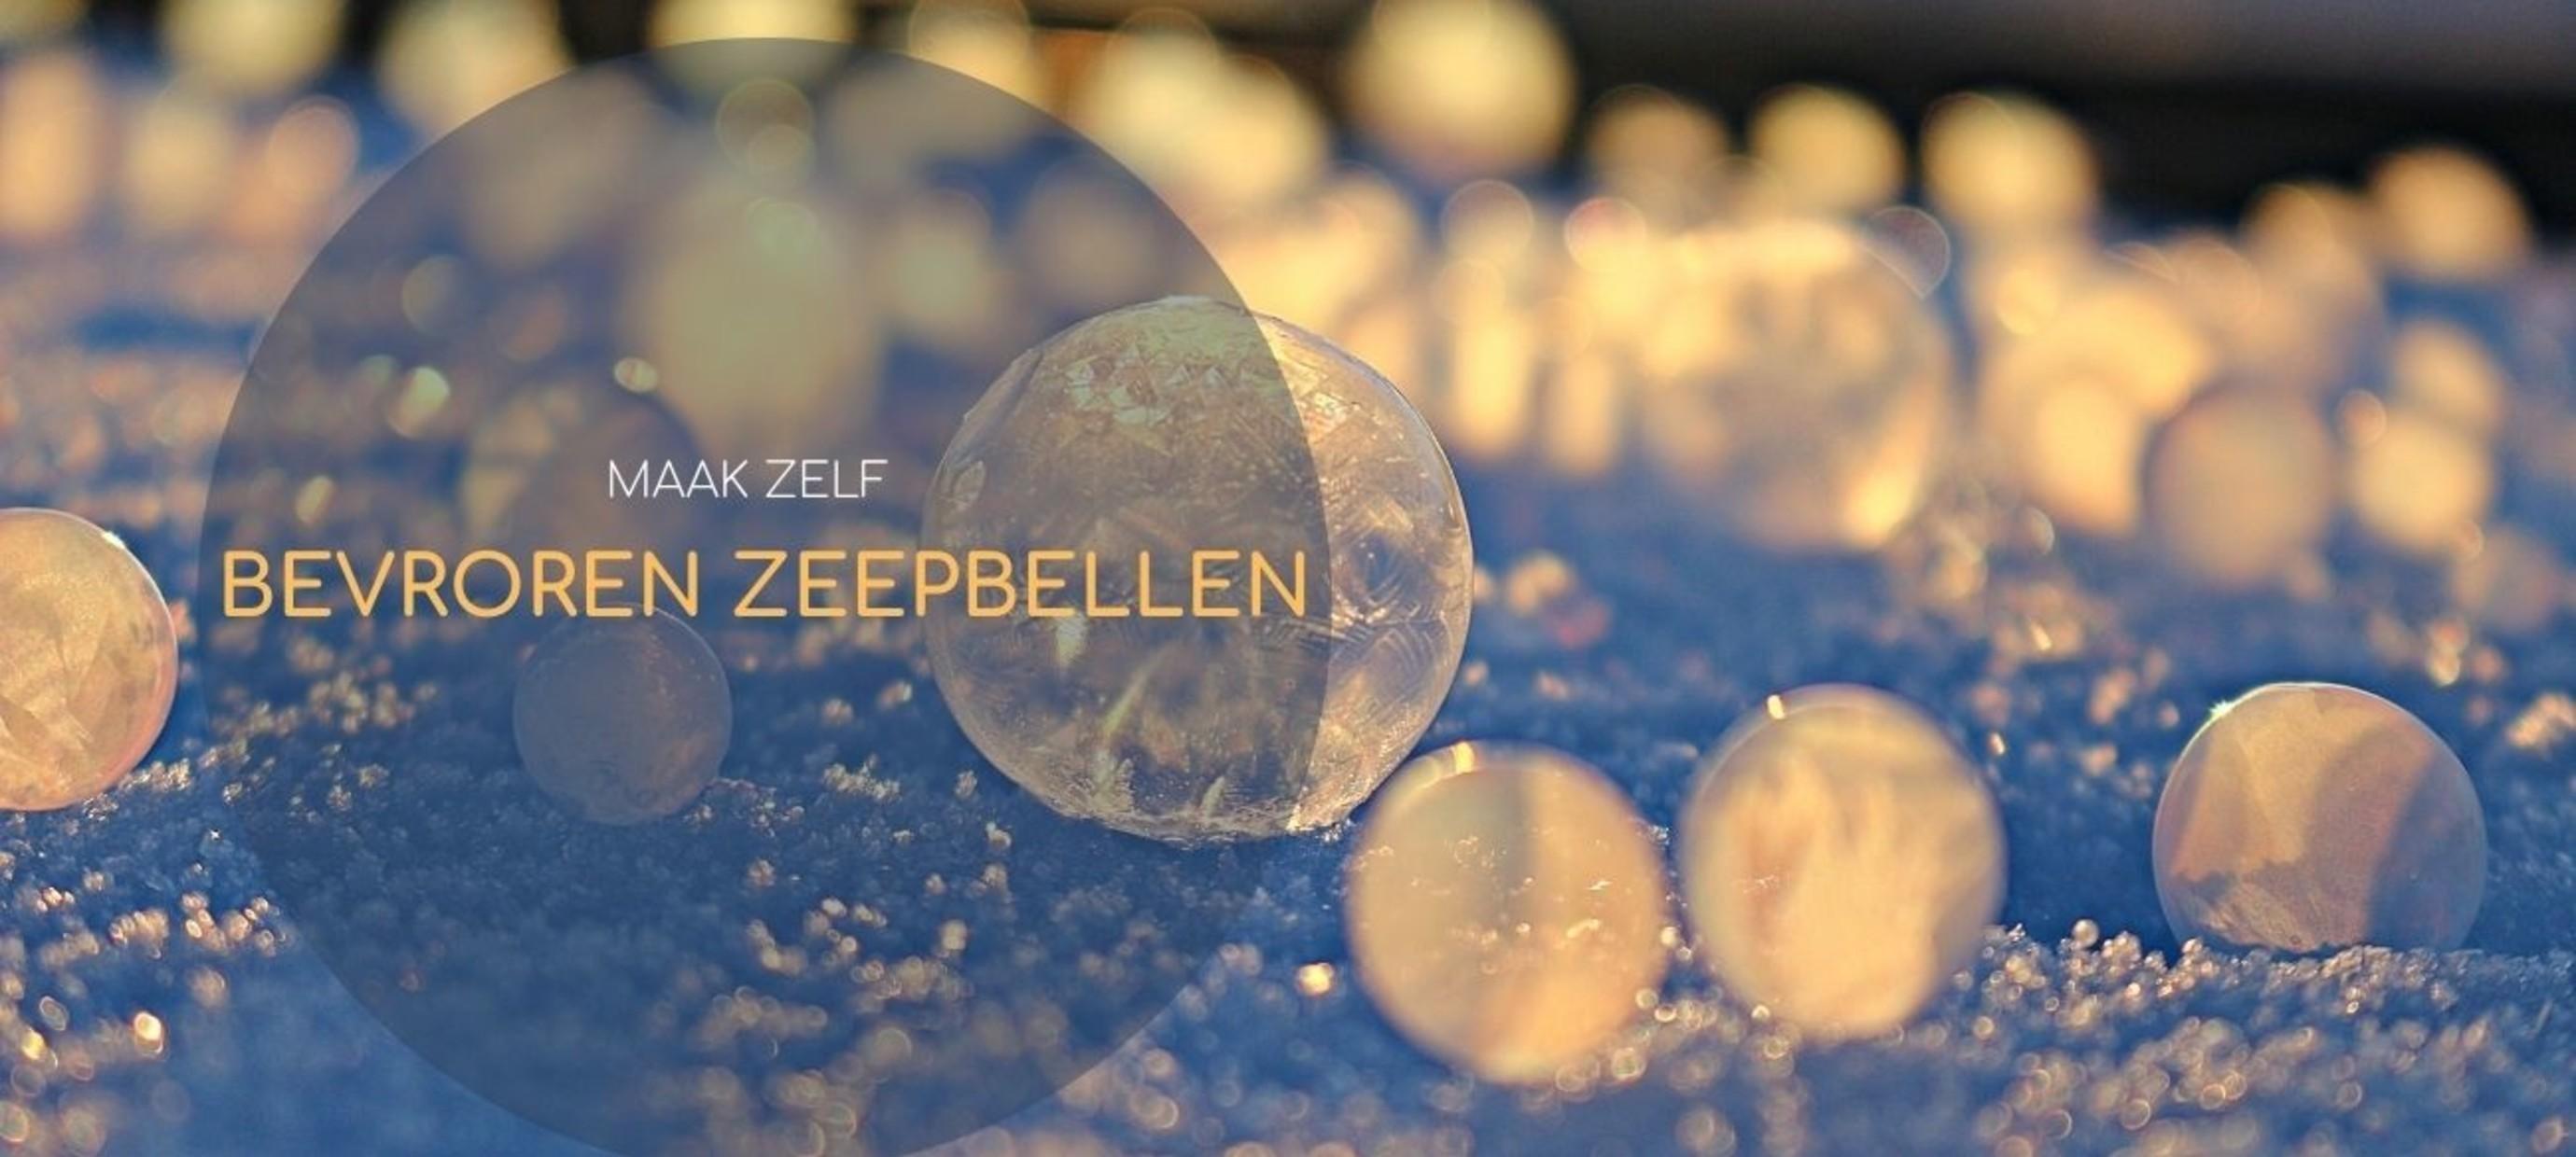 Bubblelab : plezier in de winter